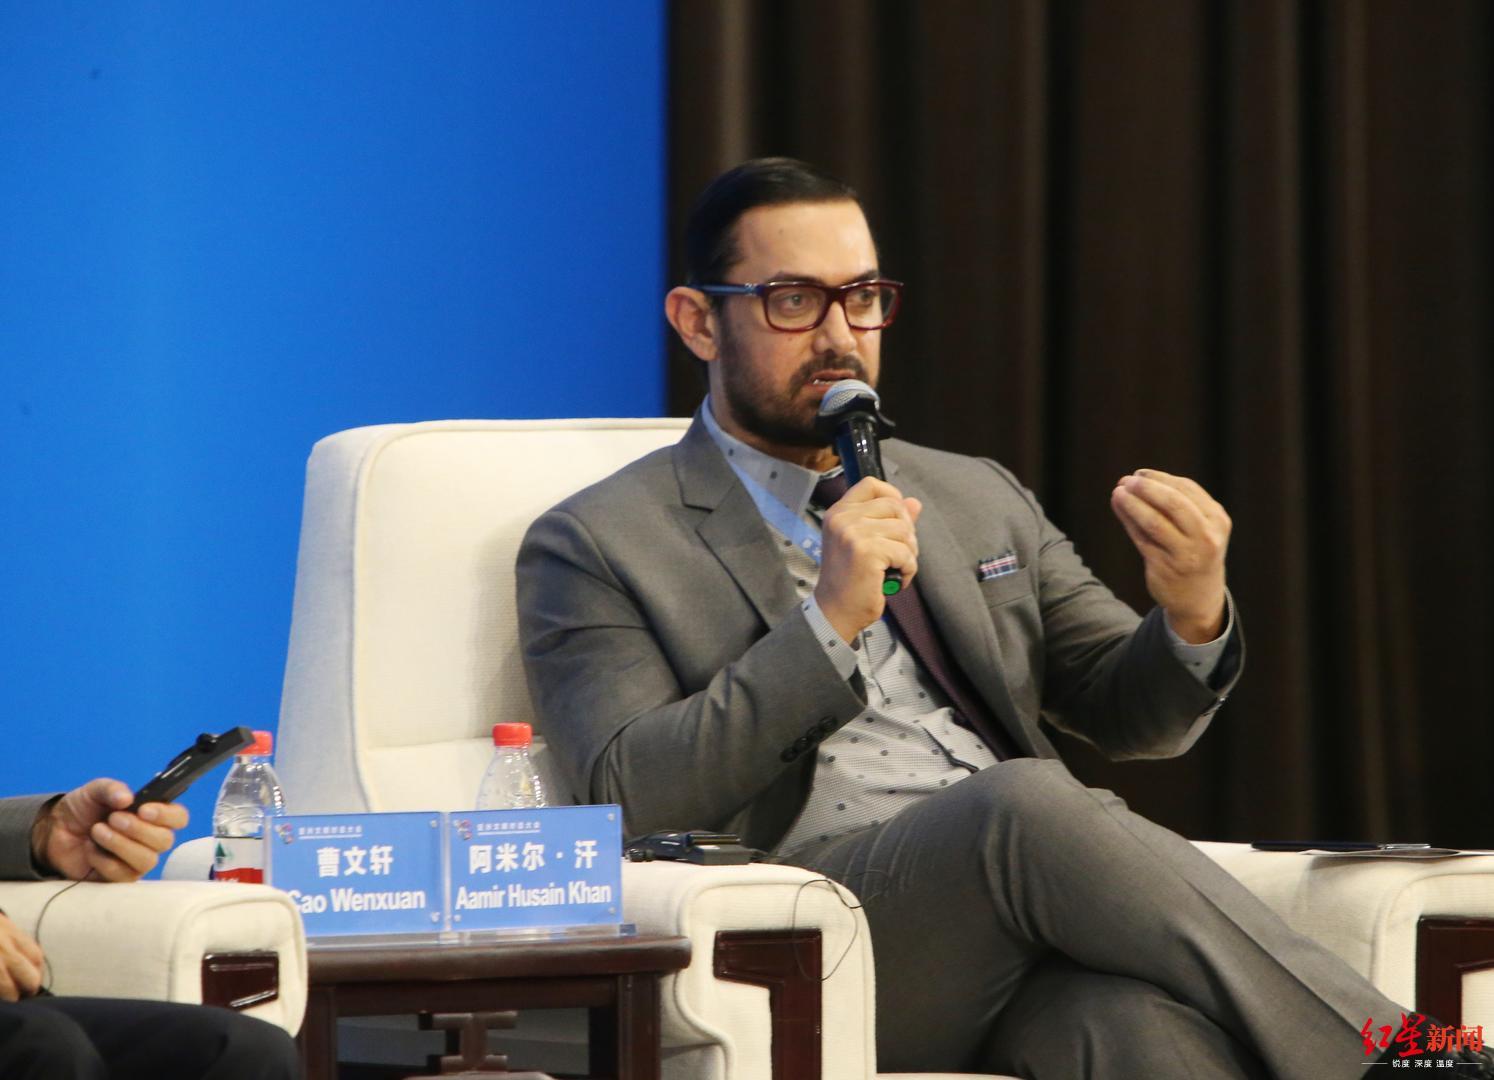 陈道明对话阿米尔·汗:电影的下一个方向,是向